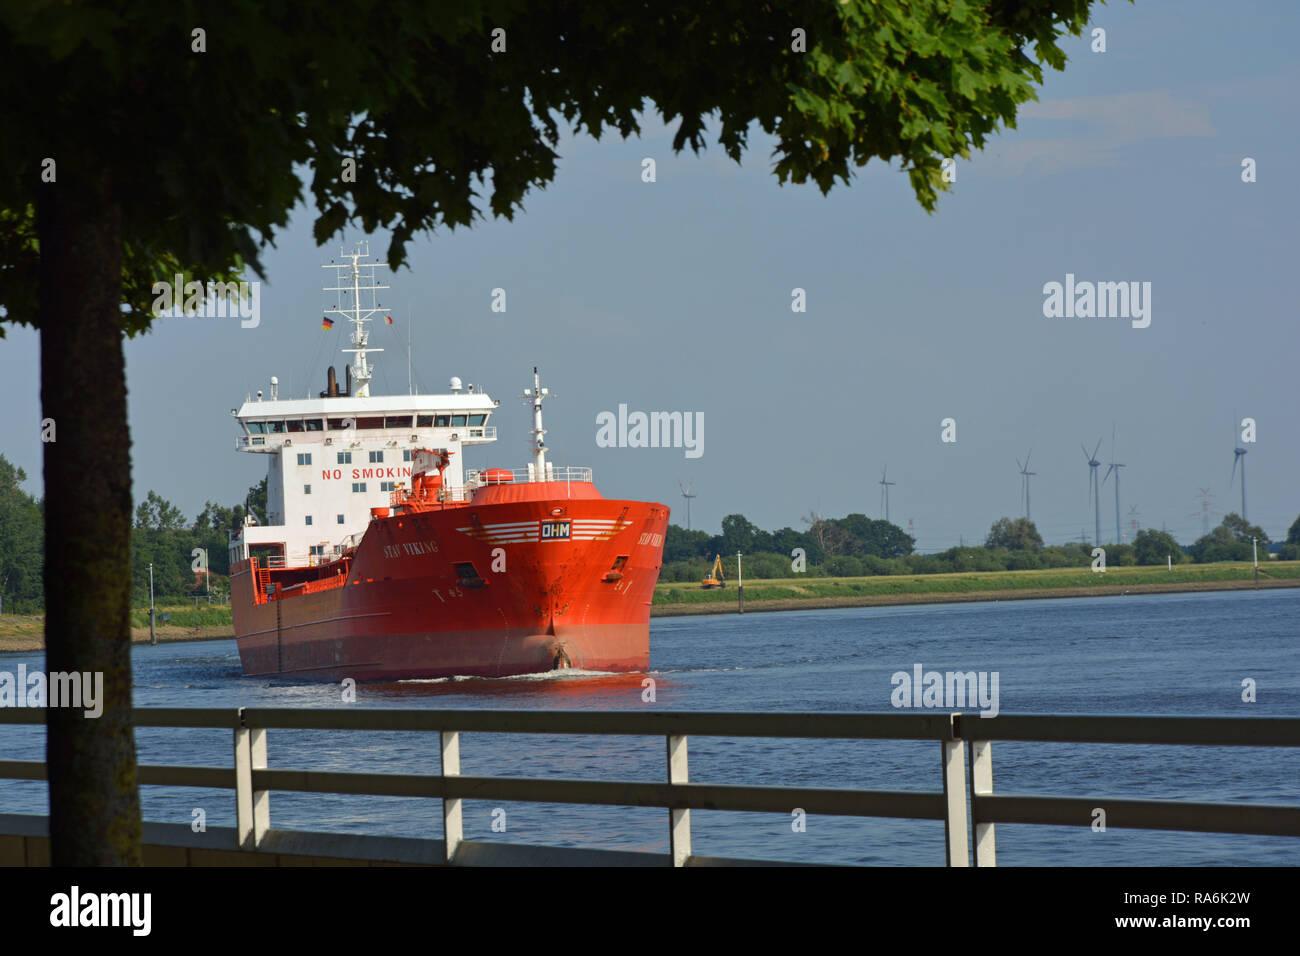 Schiff, Hintergrund, Stock Photo